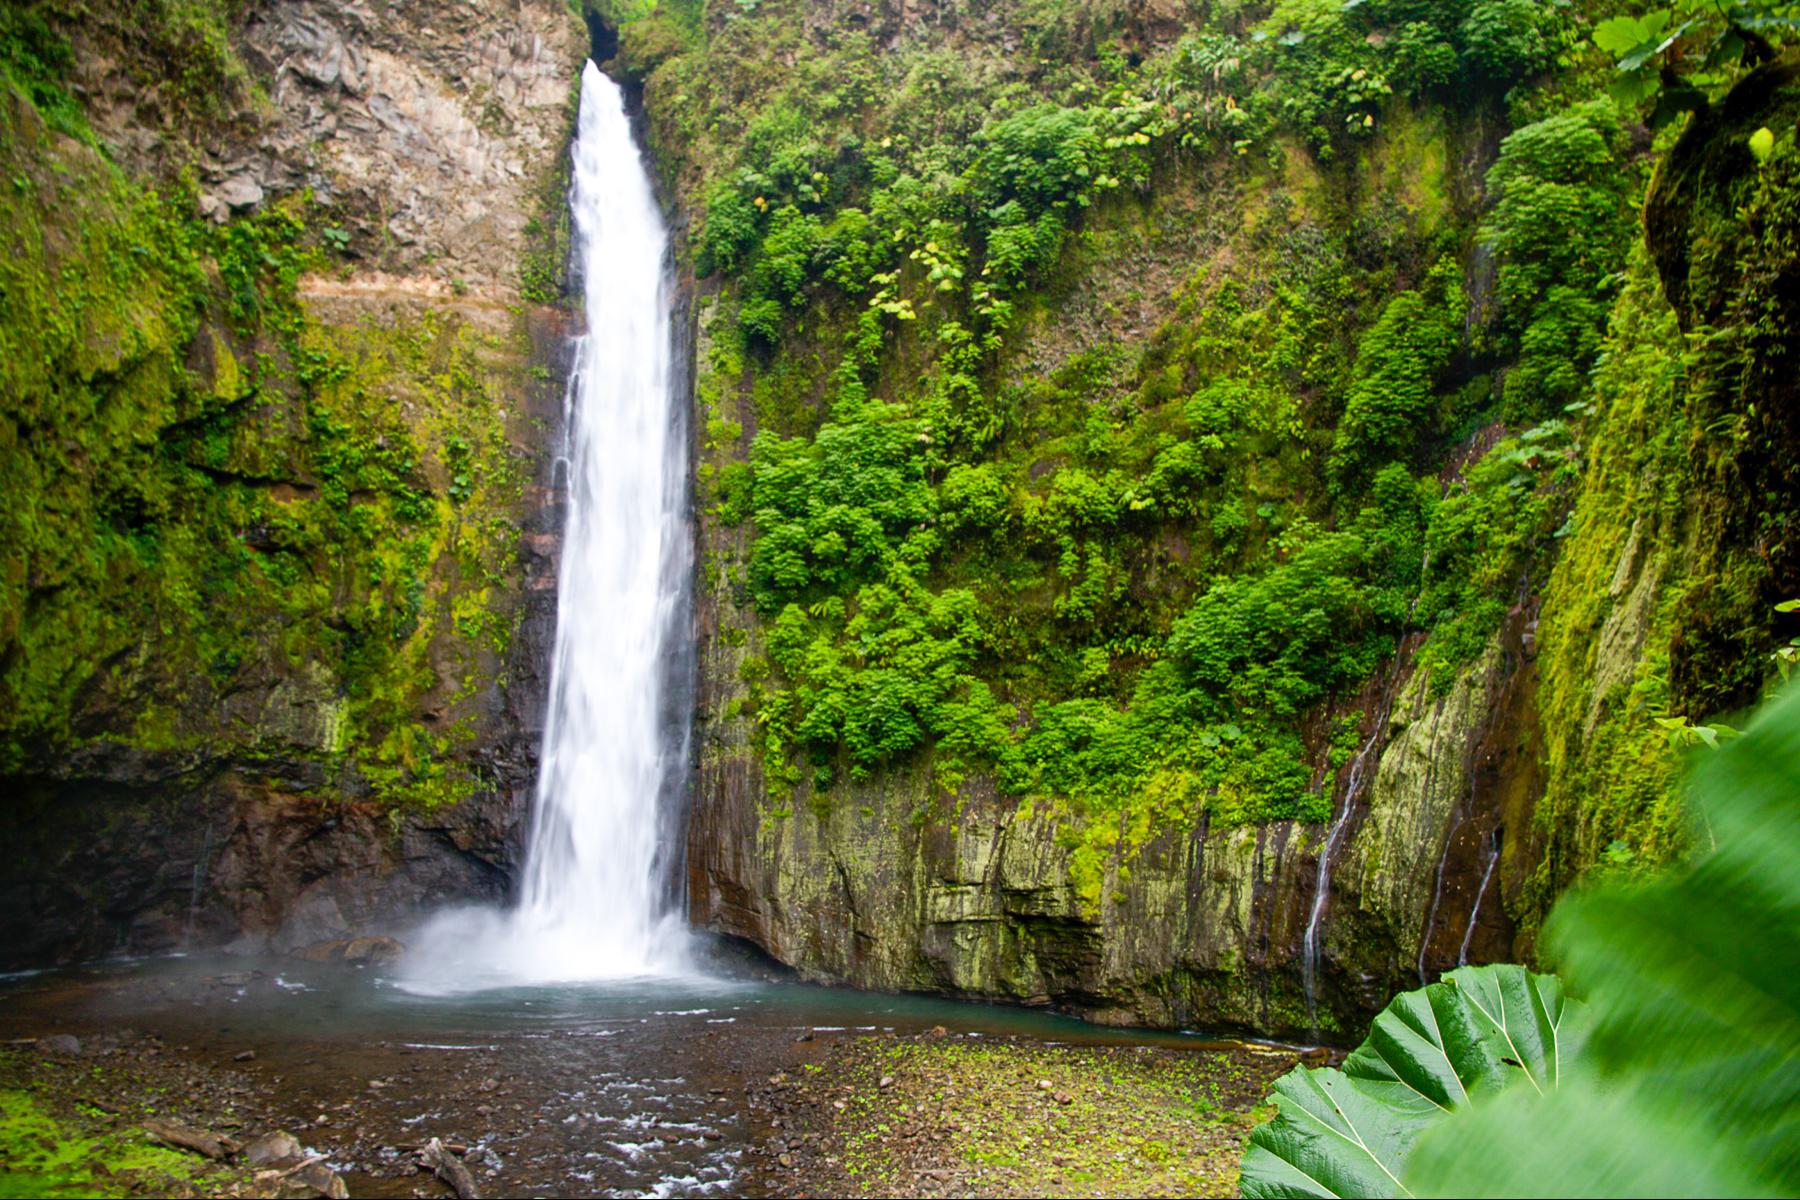 Οικόπεδο για την Πώληση στο Pure Waterfall Estate Other Alajuela, Αλαχουελα Κόστα Ρίκα